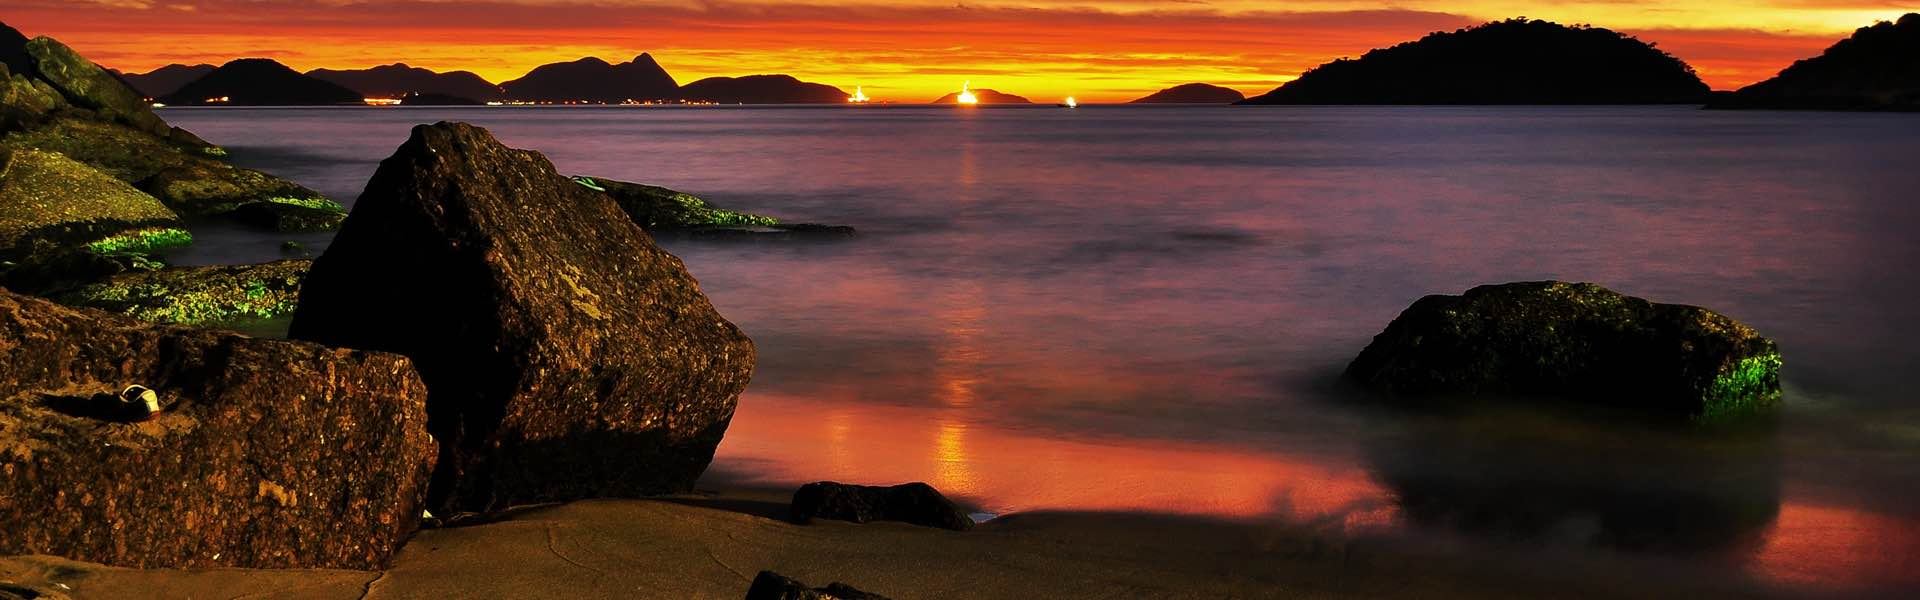 Praia-Vermelha